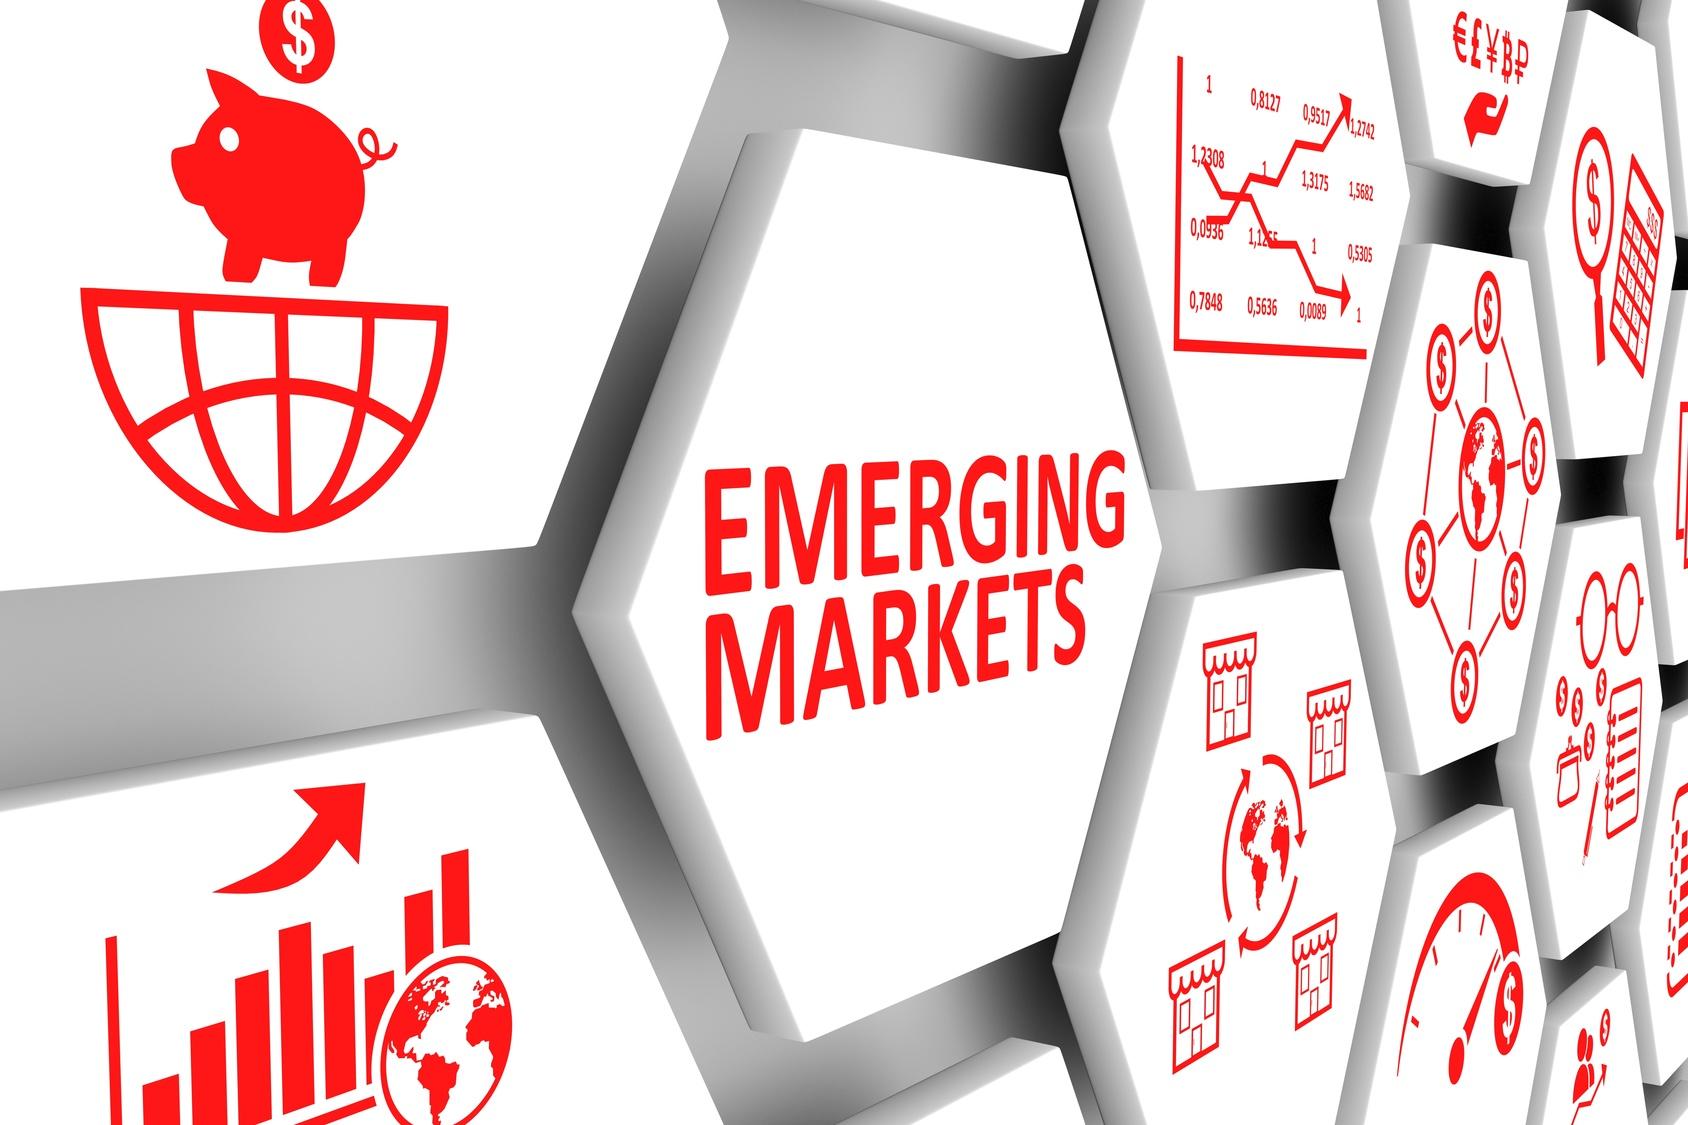 下落可能性あり?令和元年・2019年以降の新興国株式市場の見通しを徹底分析。